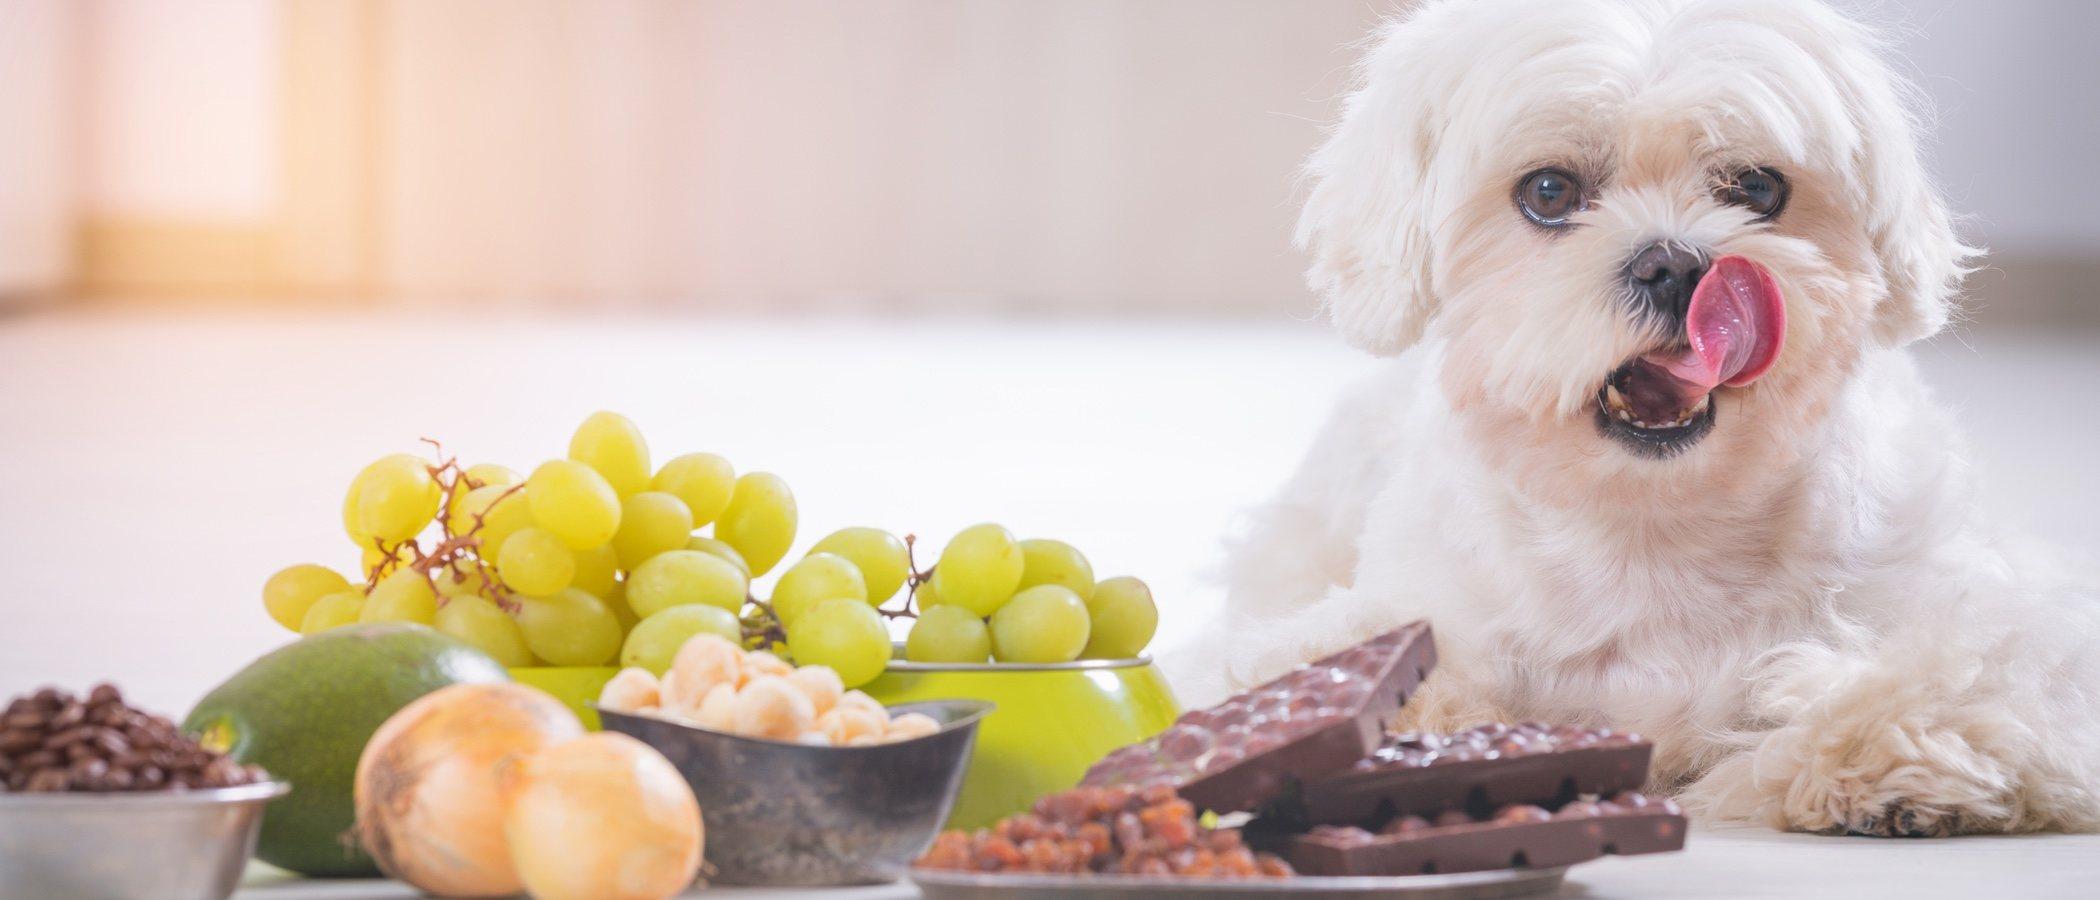 Alimentos y productos que pueden causar envenenamiento a los perros